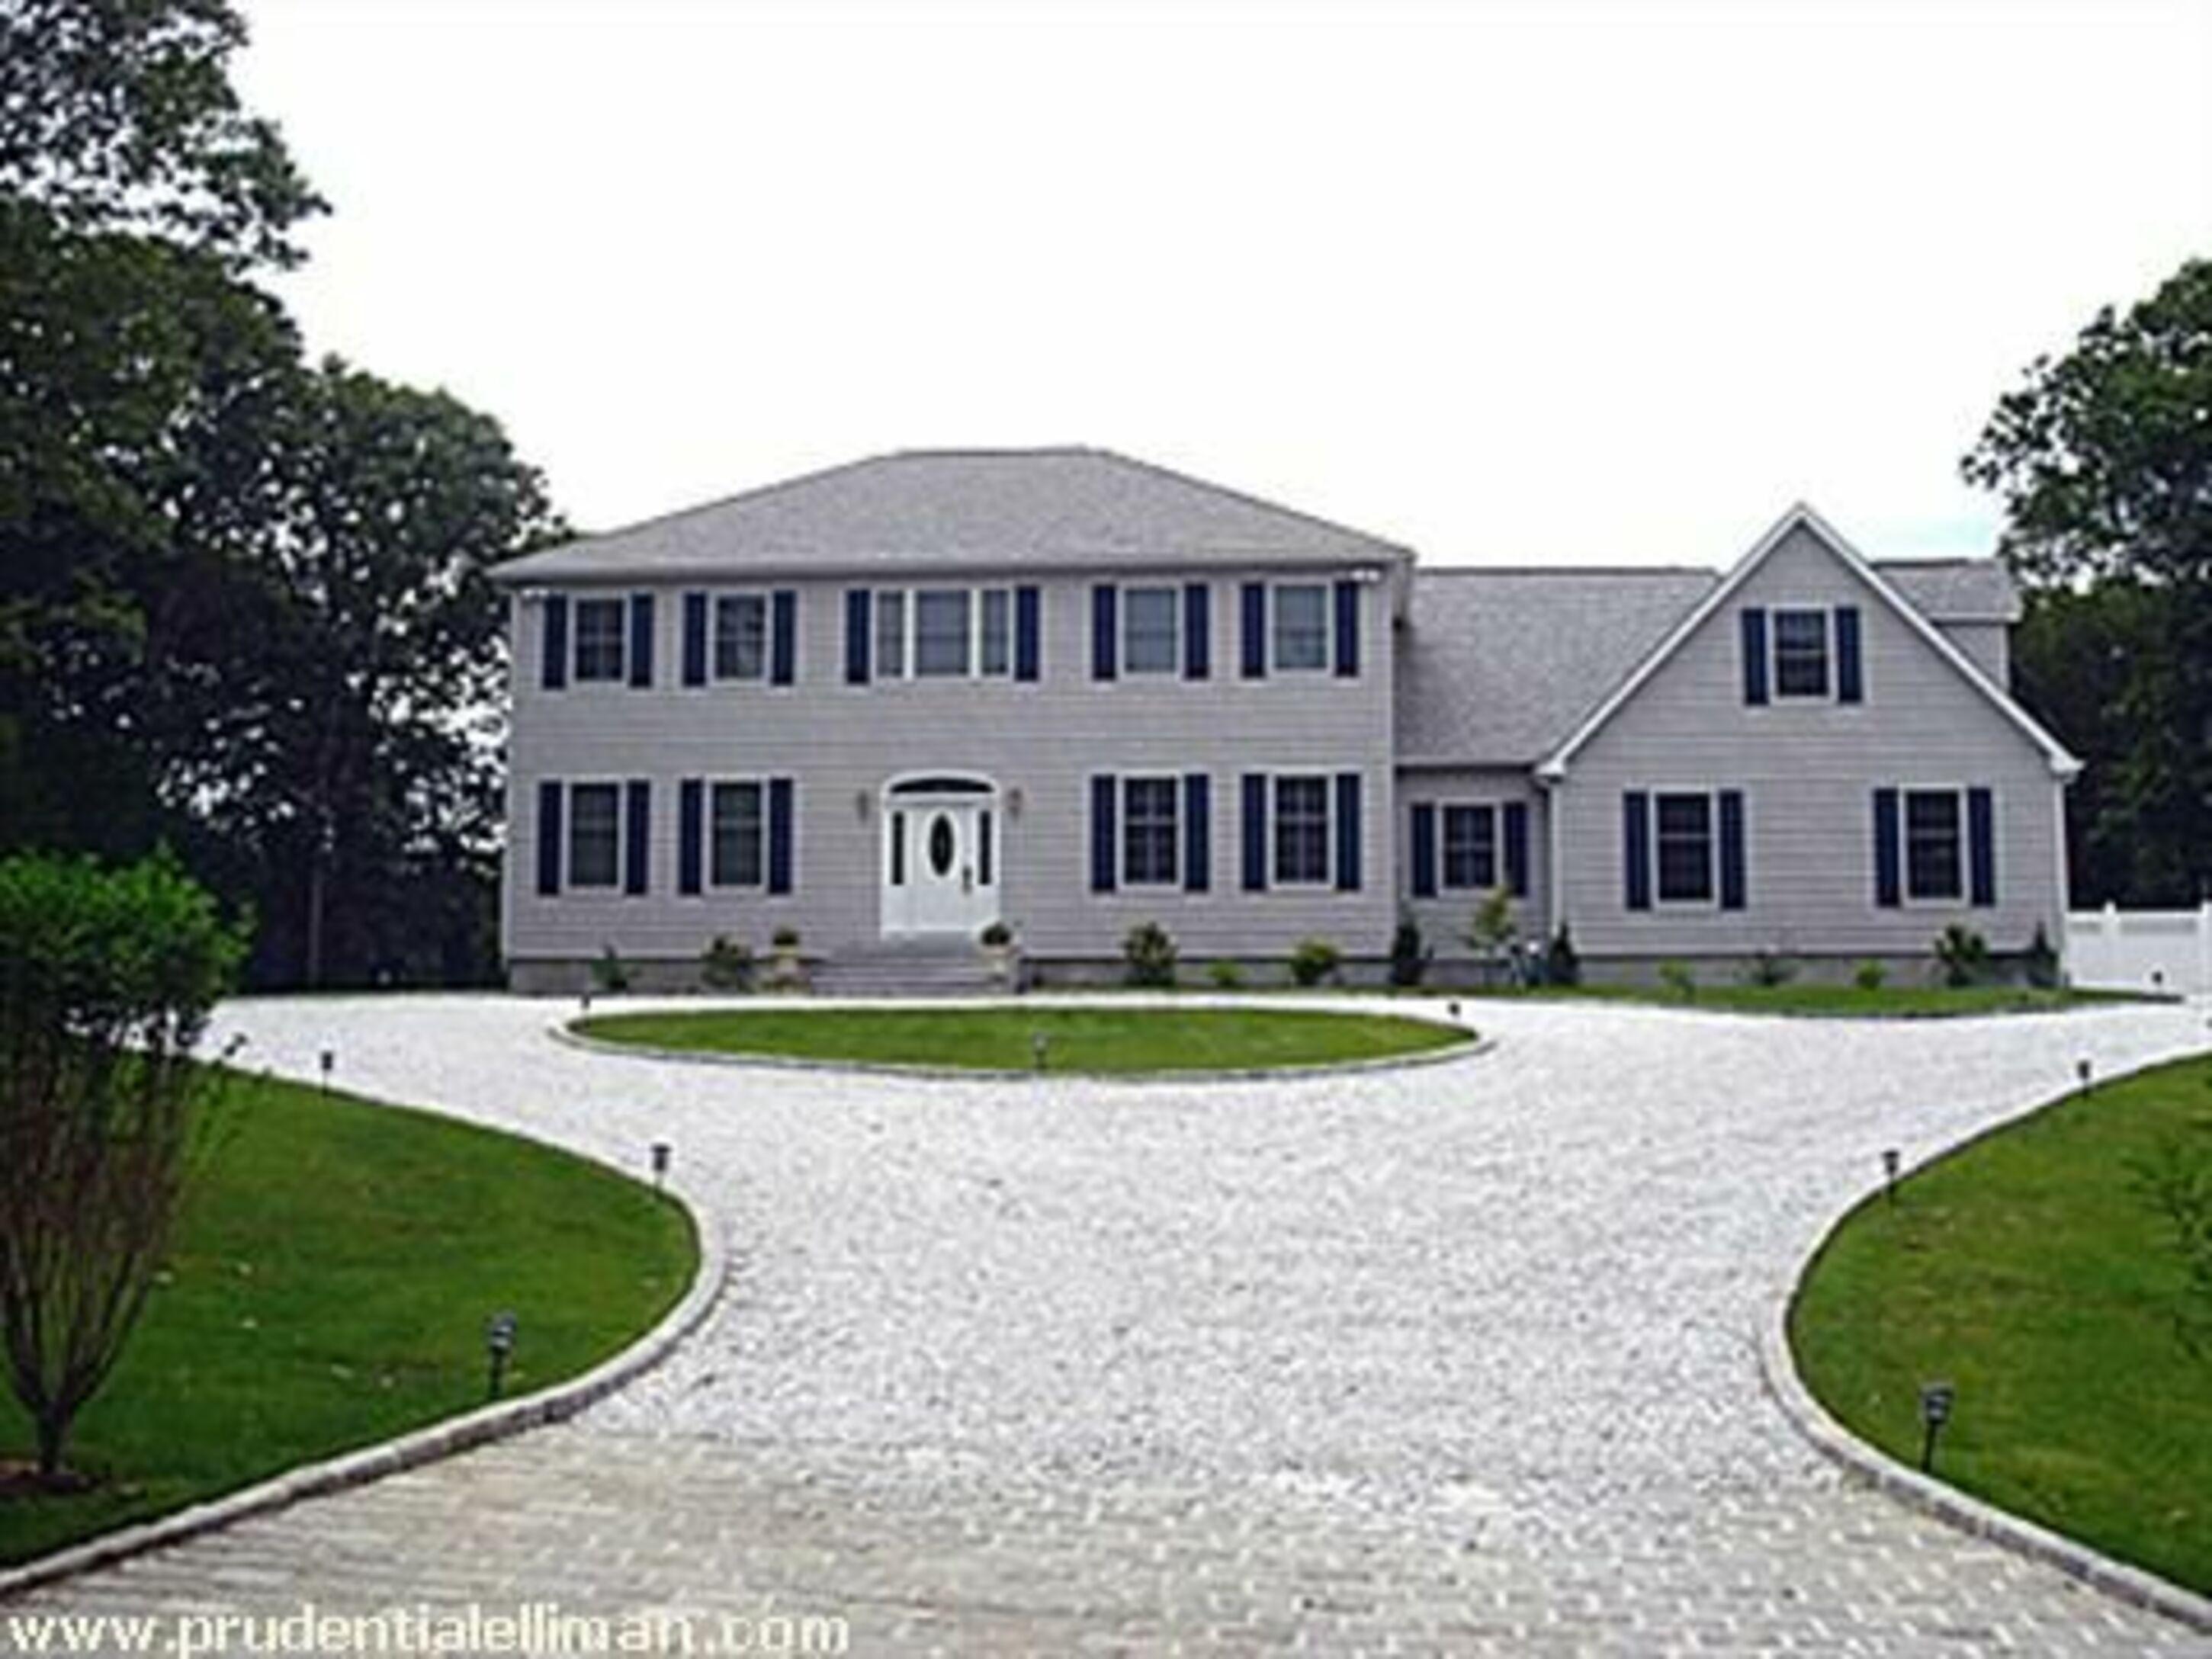 44 White Oak Ln - Southampton North, New York